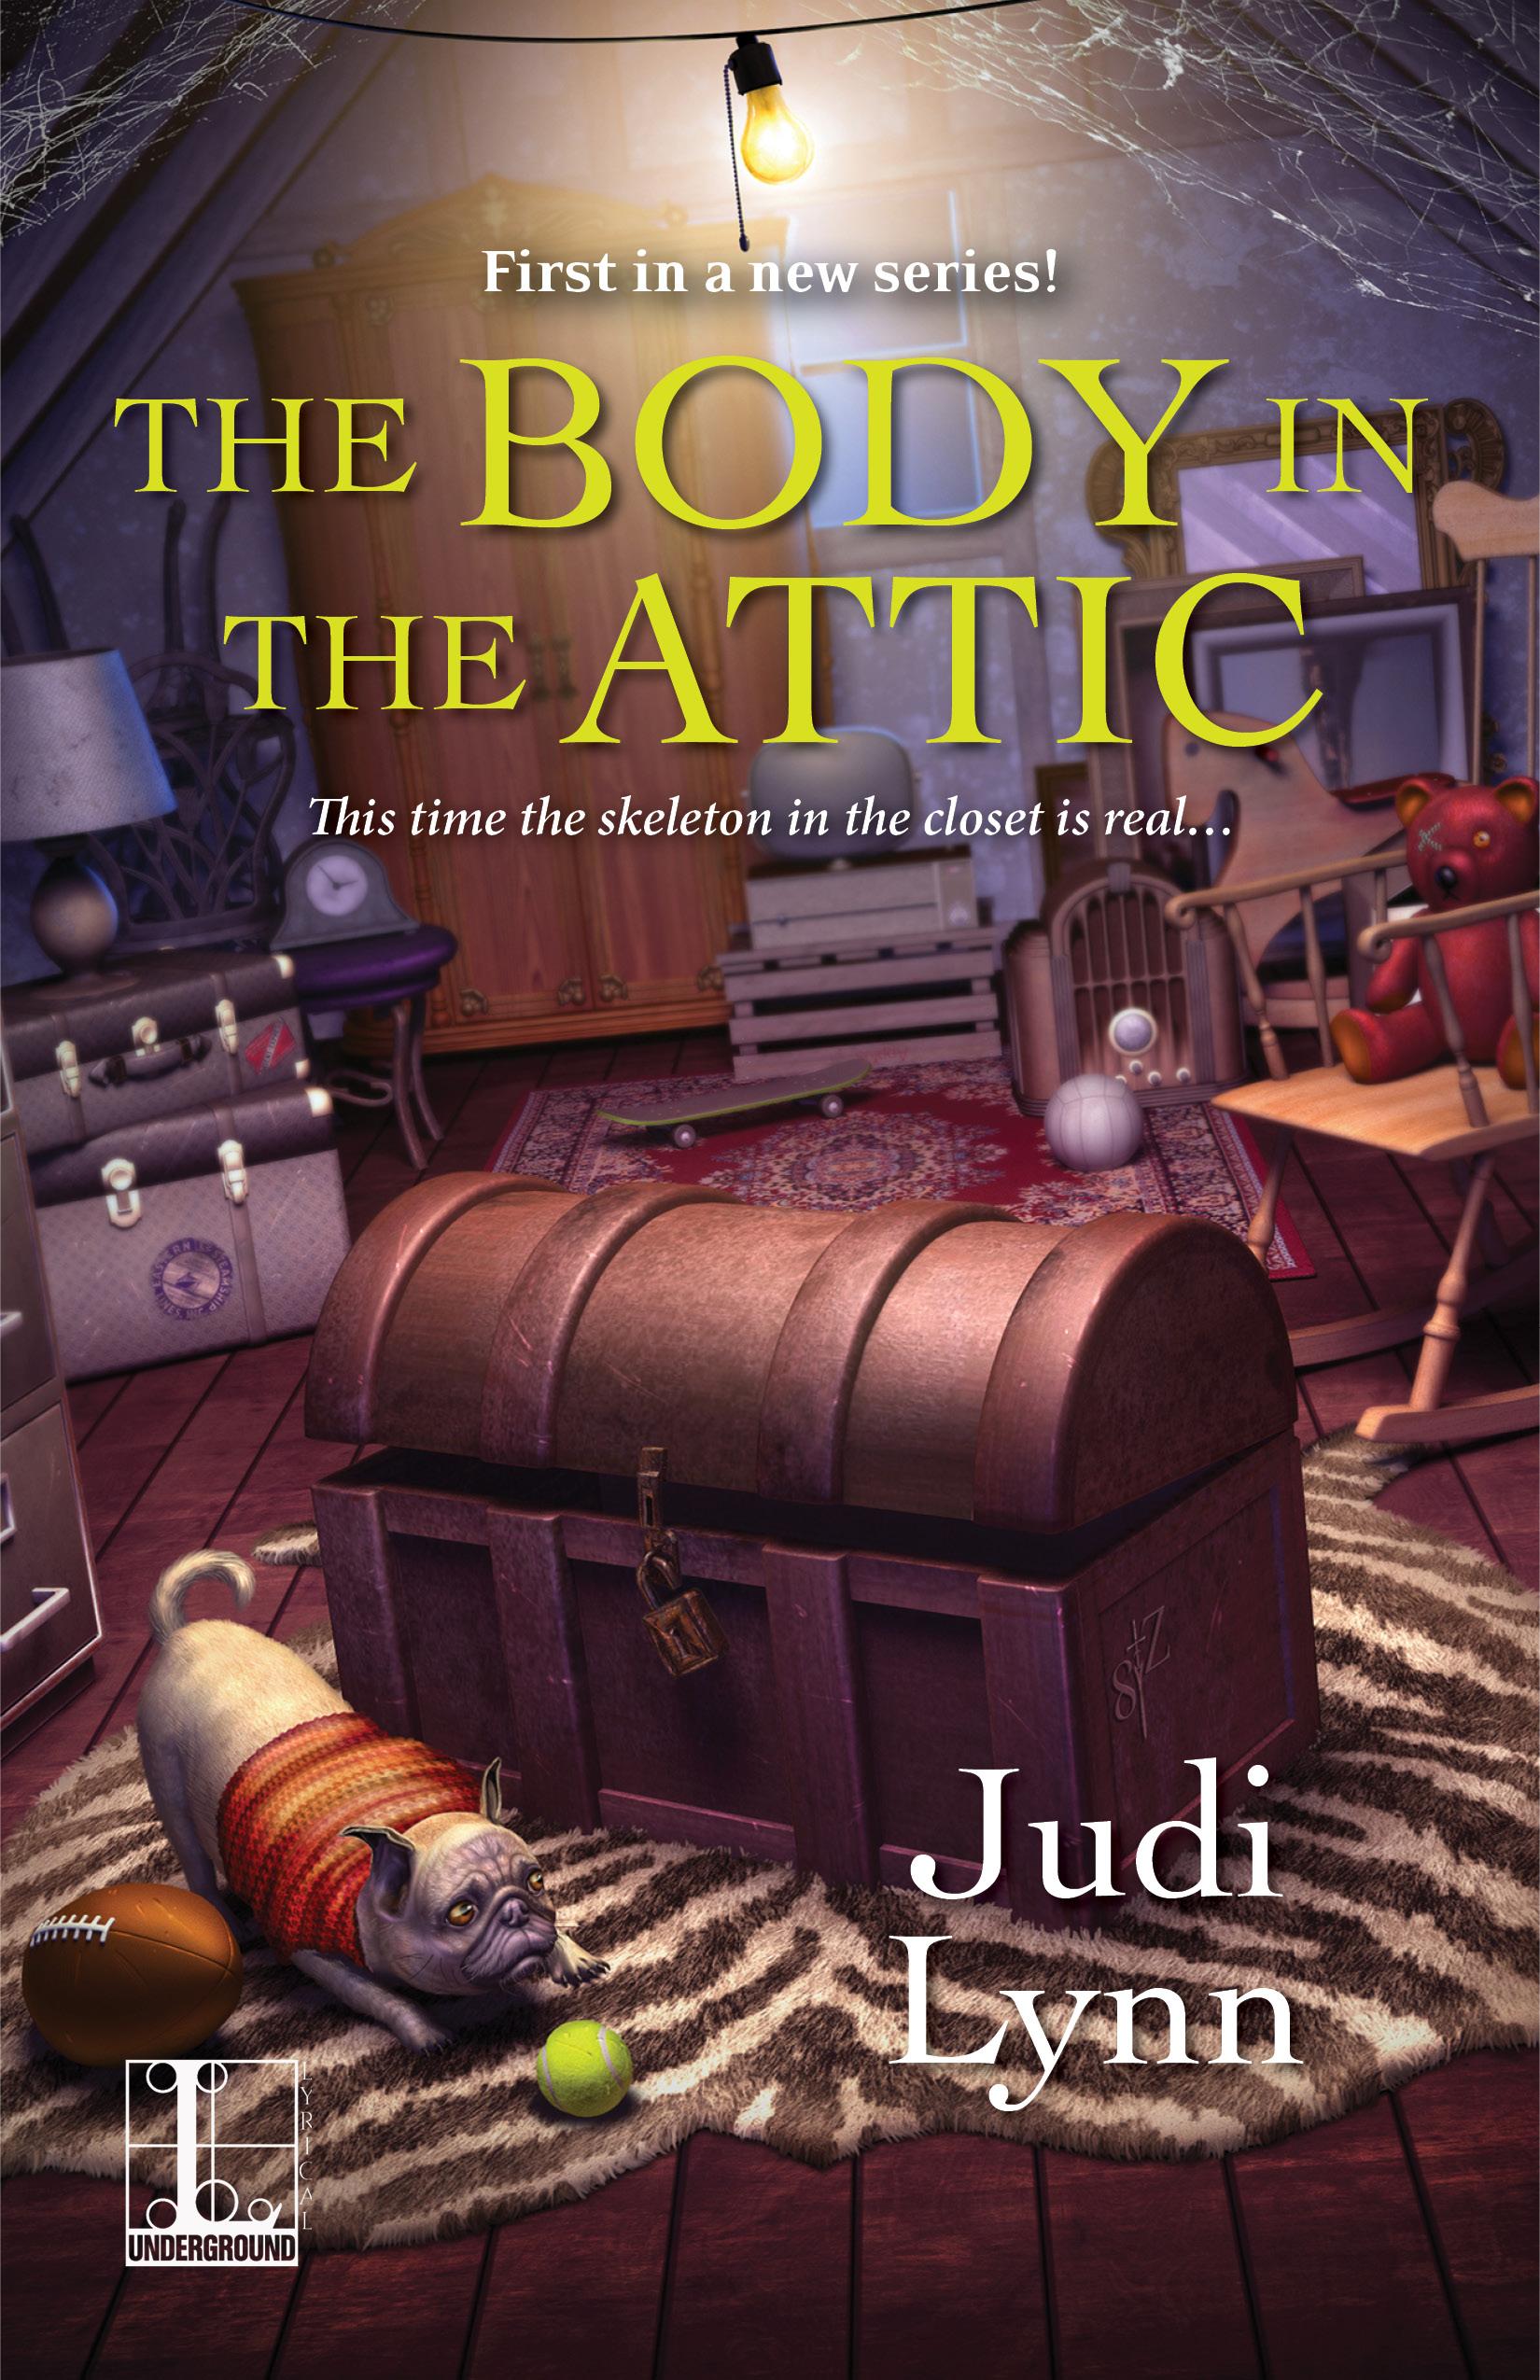 The Body in the Attic